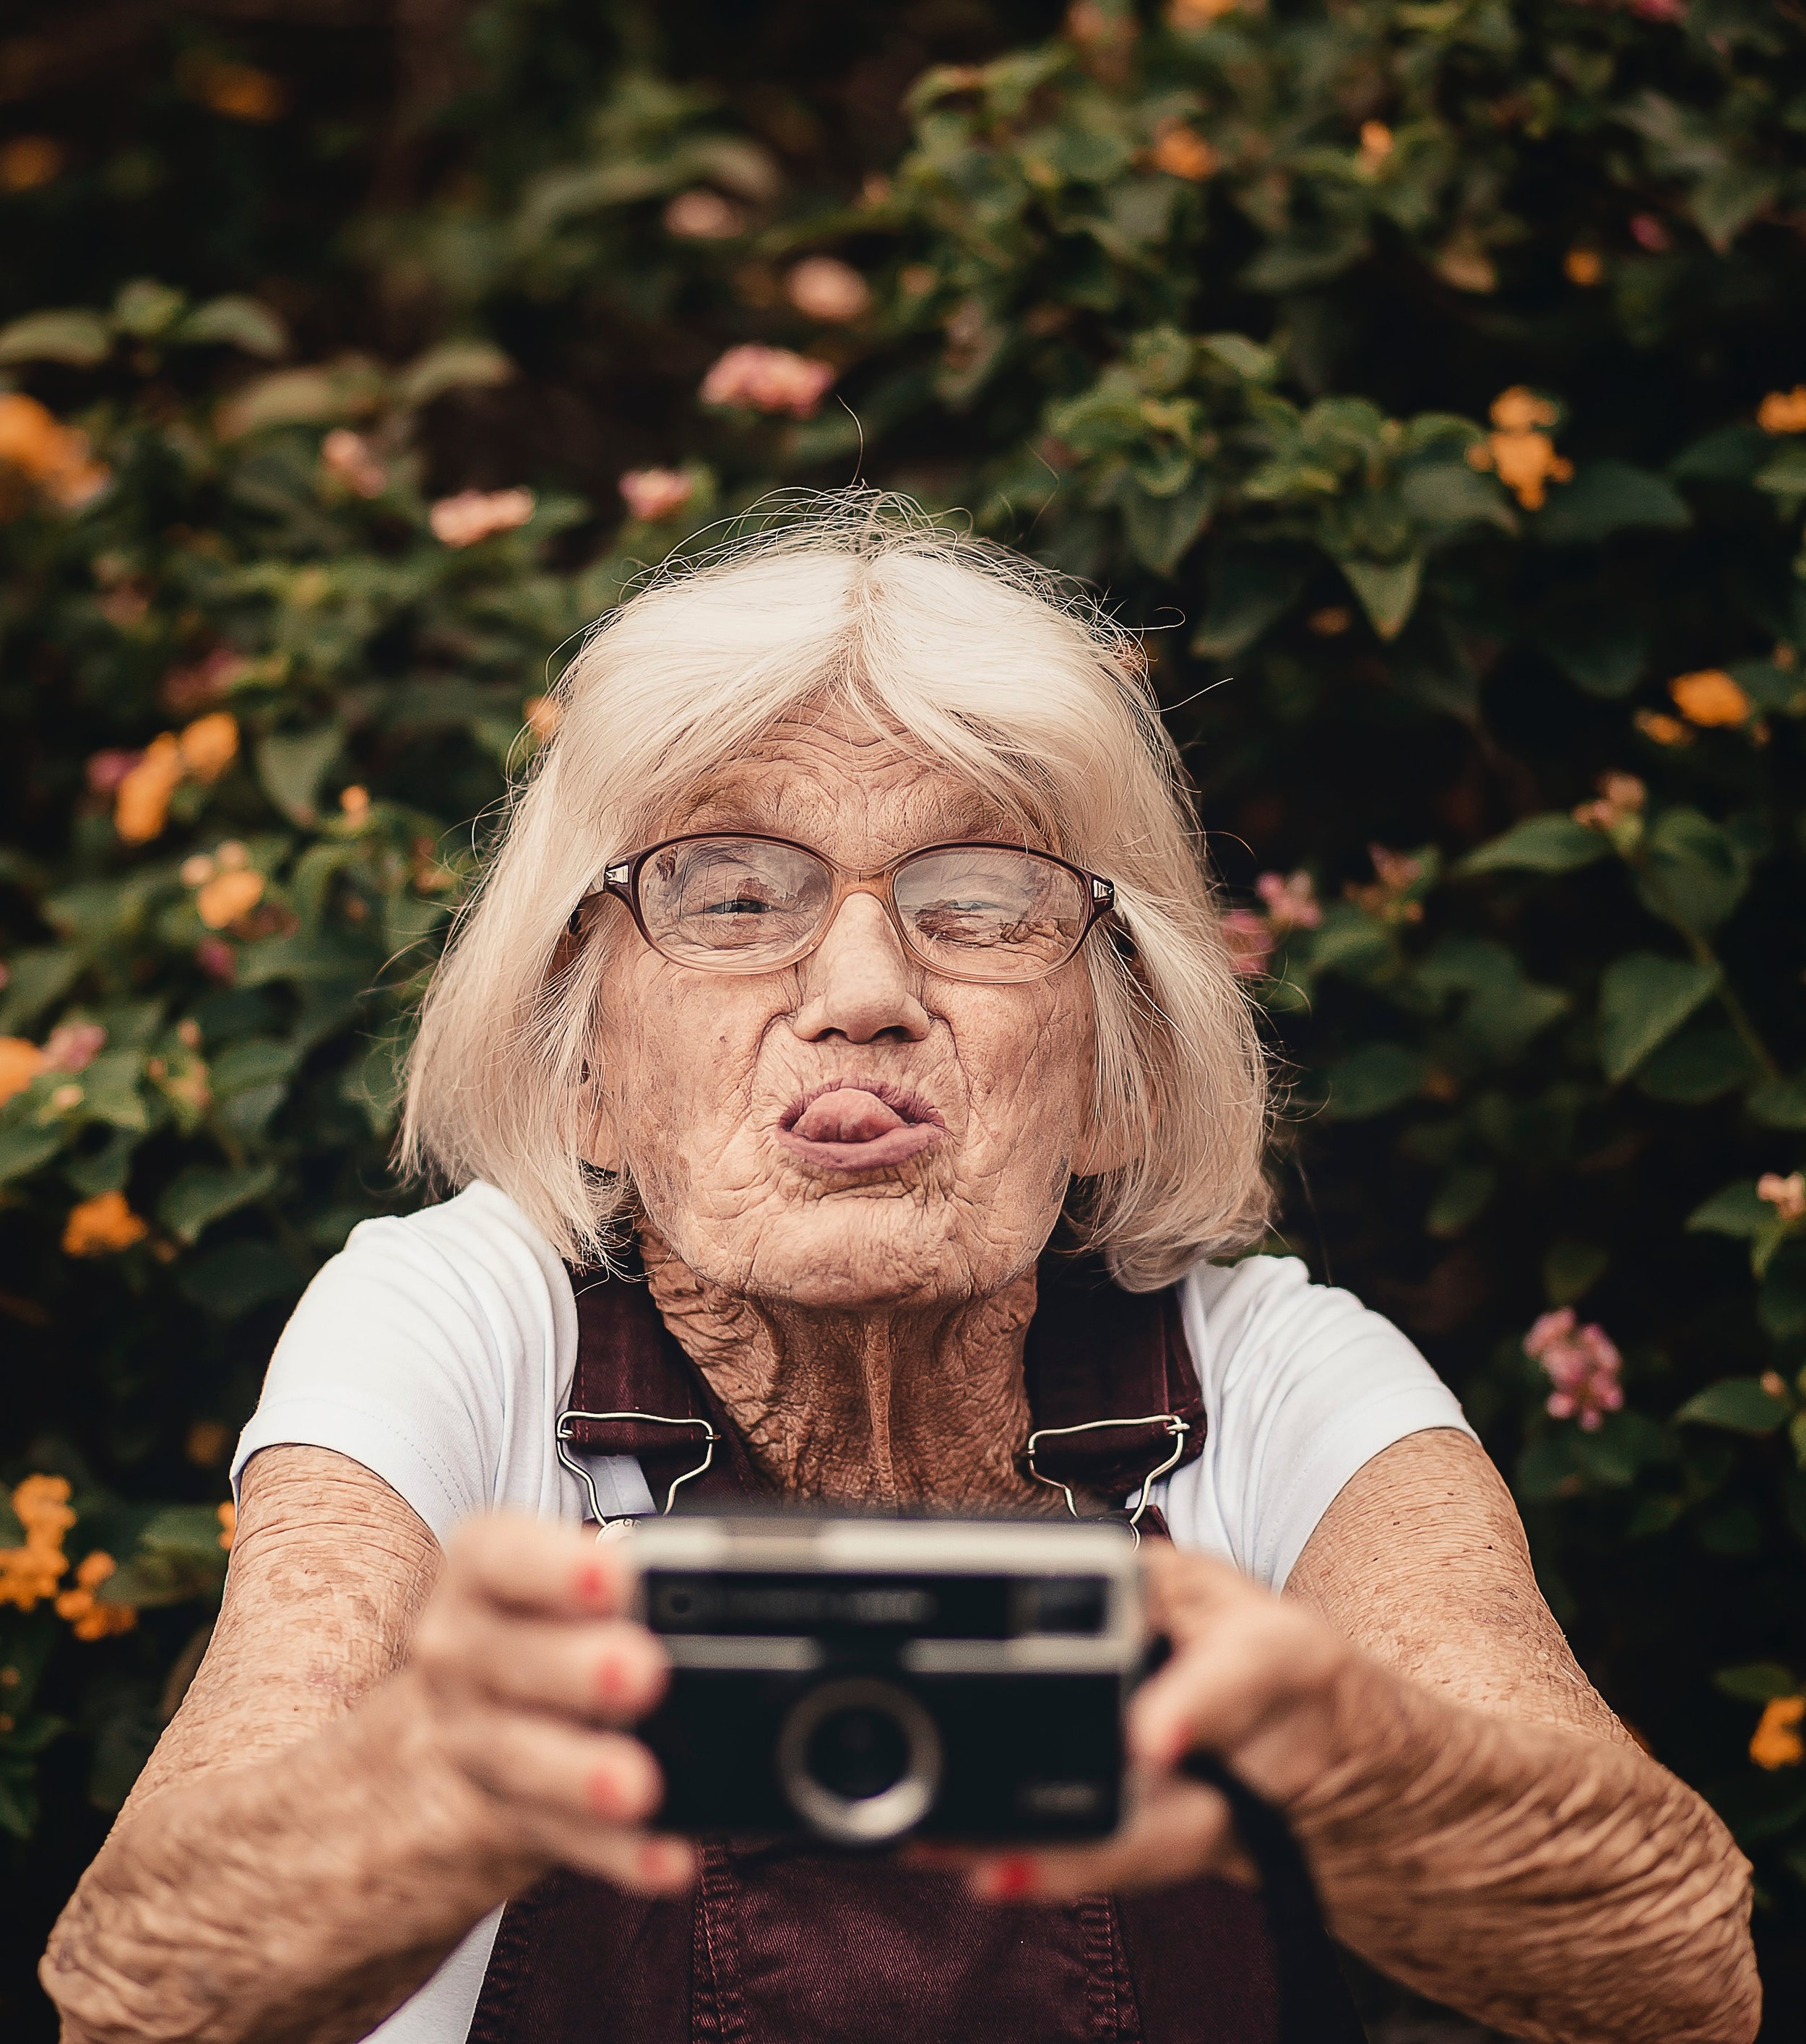 camera-close-up-elder-2050979.jpg